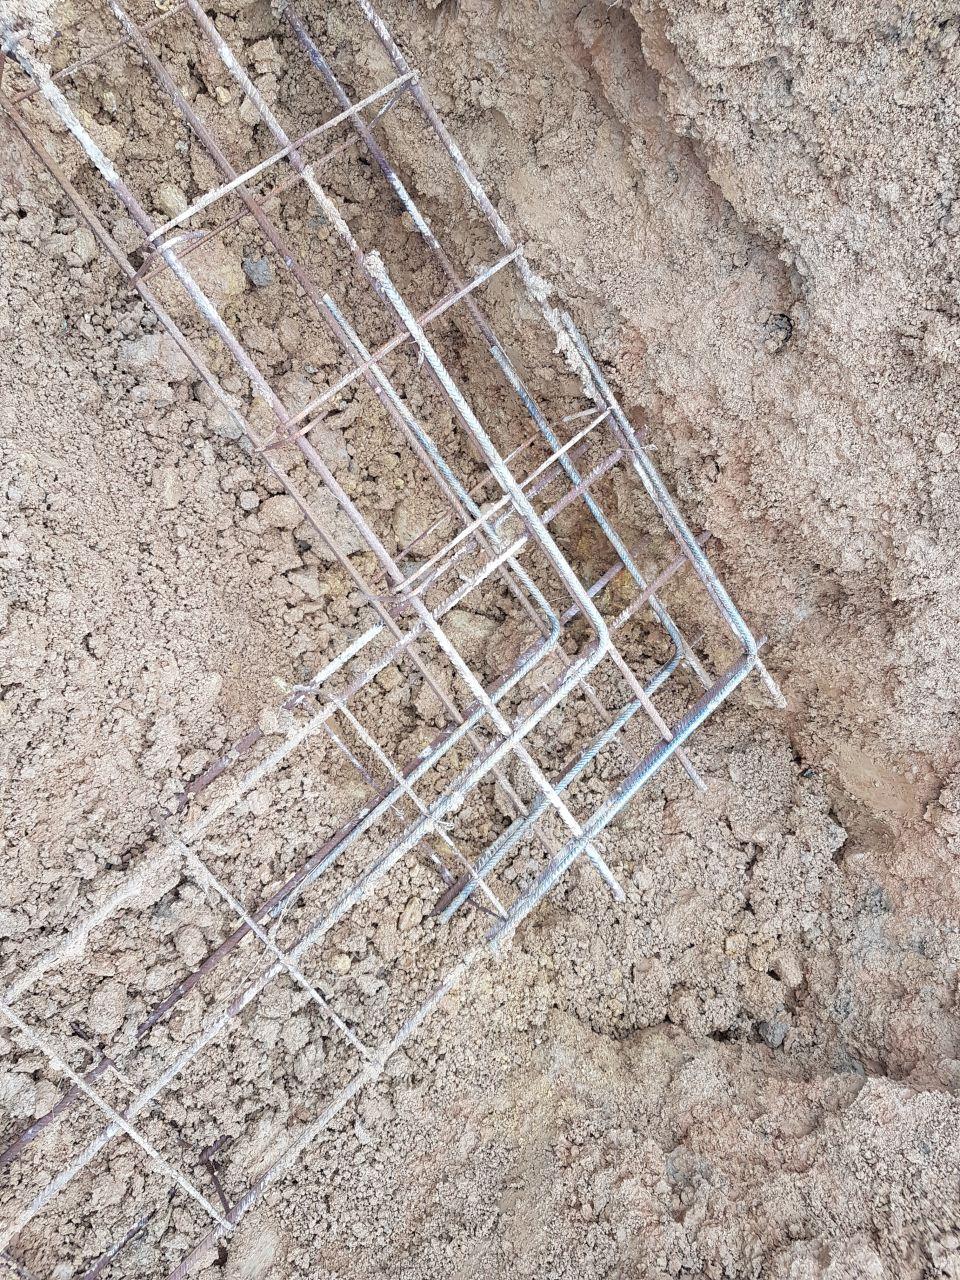 fondations creusées + ferraillage